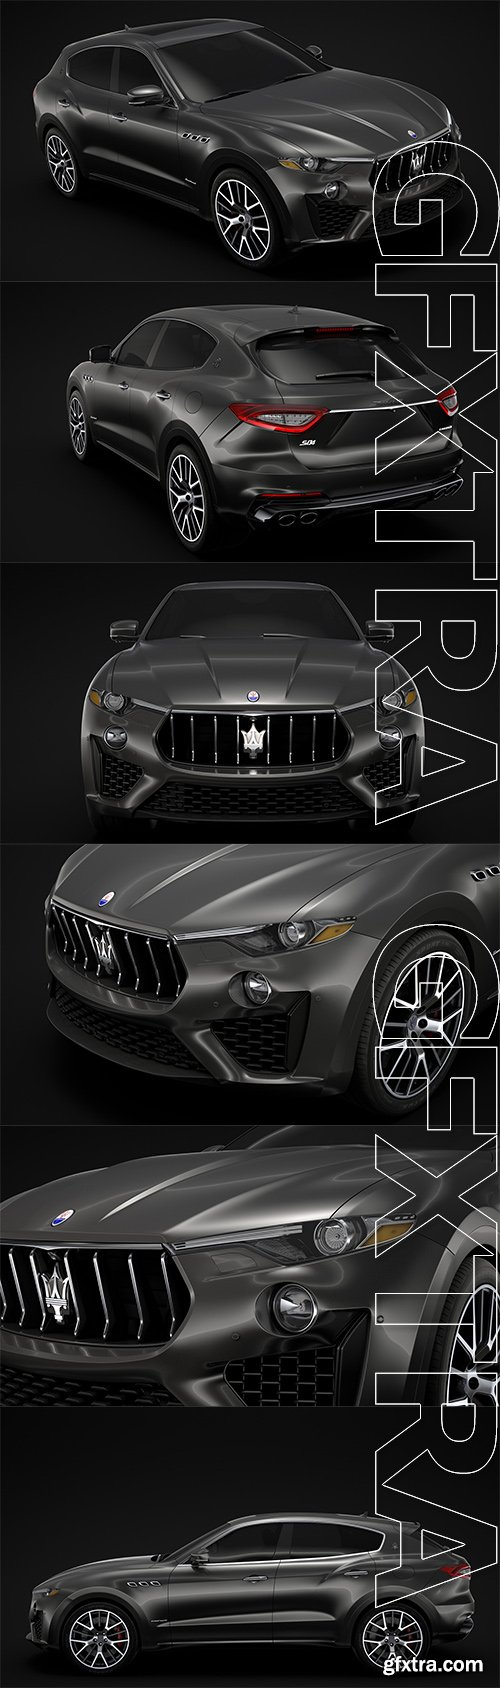 Cubebrush - Maserati Levante S Q4 GranSport 2019